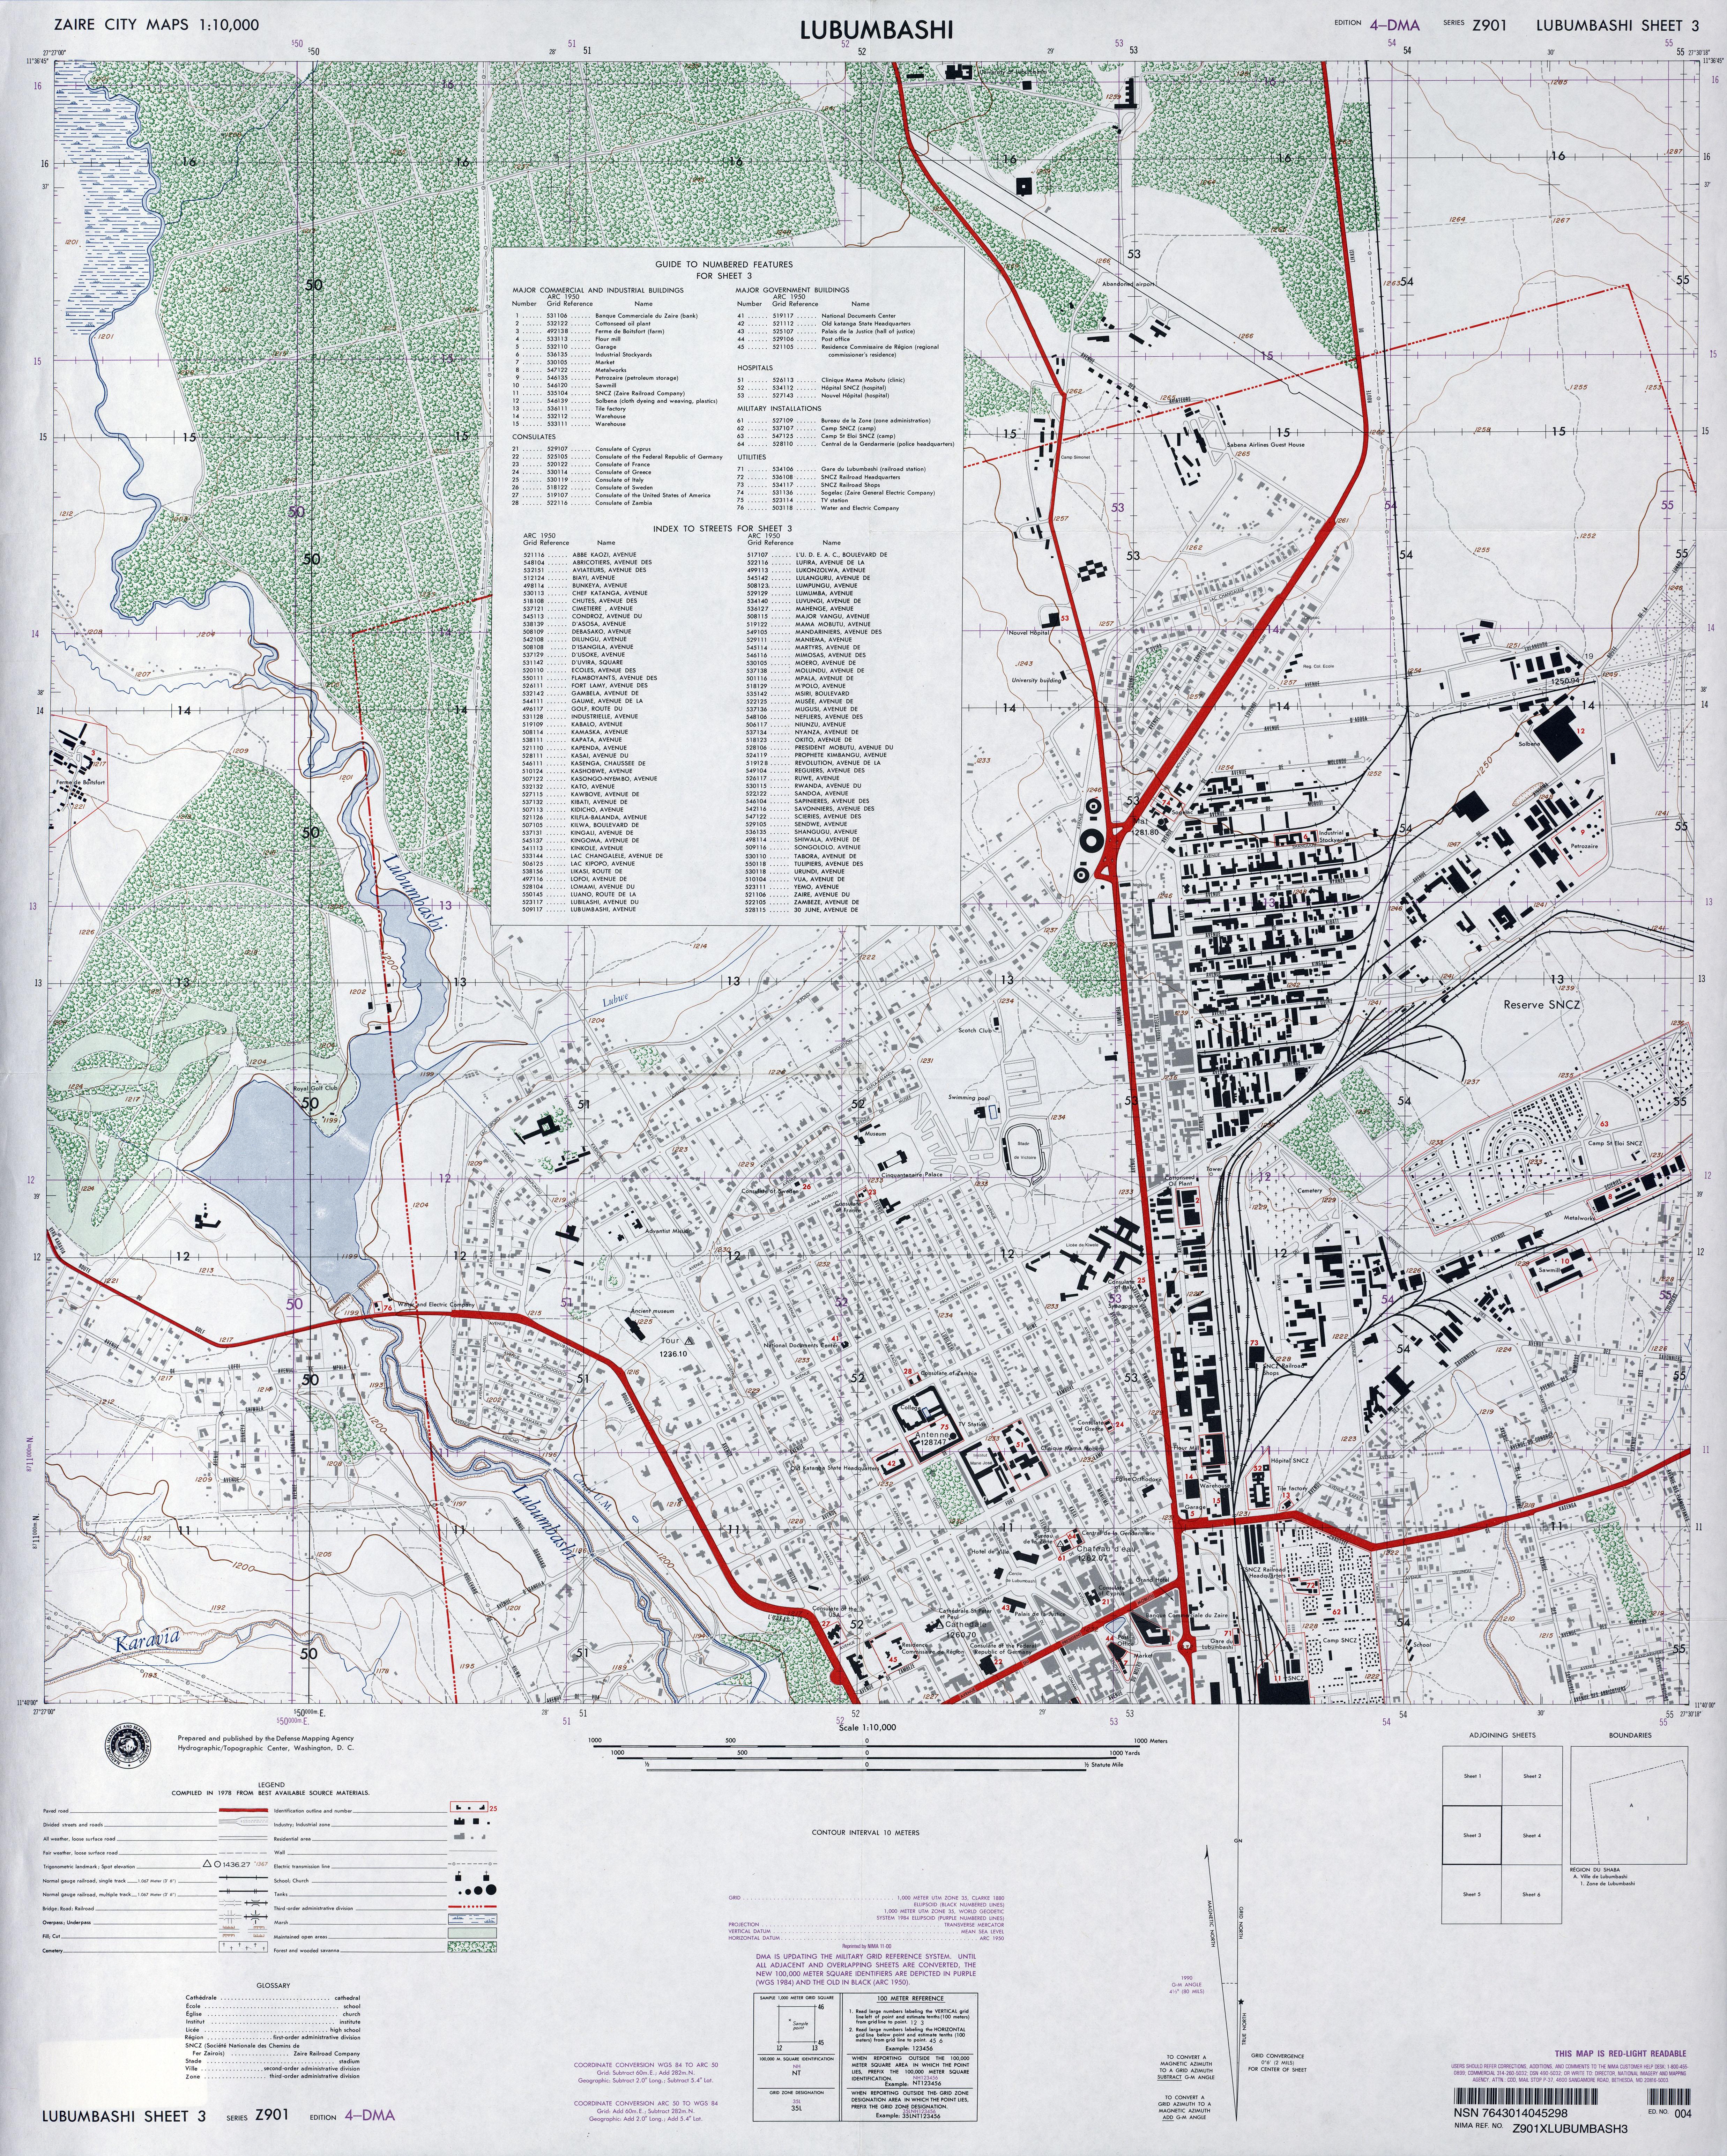 Congo Democratic Republic Maps PerryCastañeda Map Collection - democratic republic of the clickable map